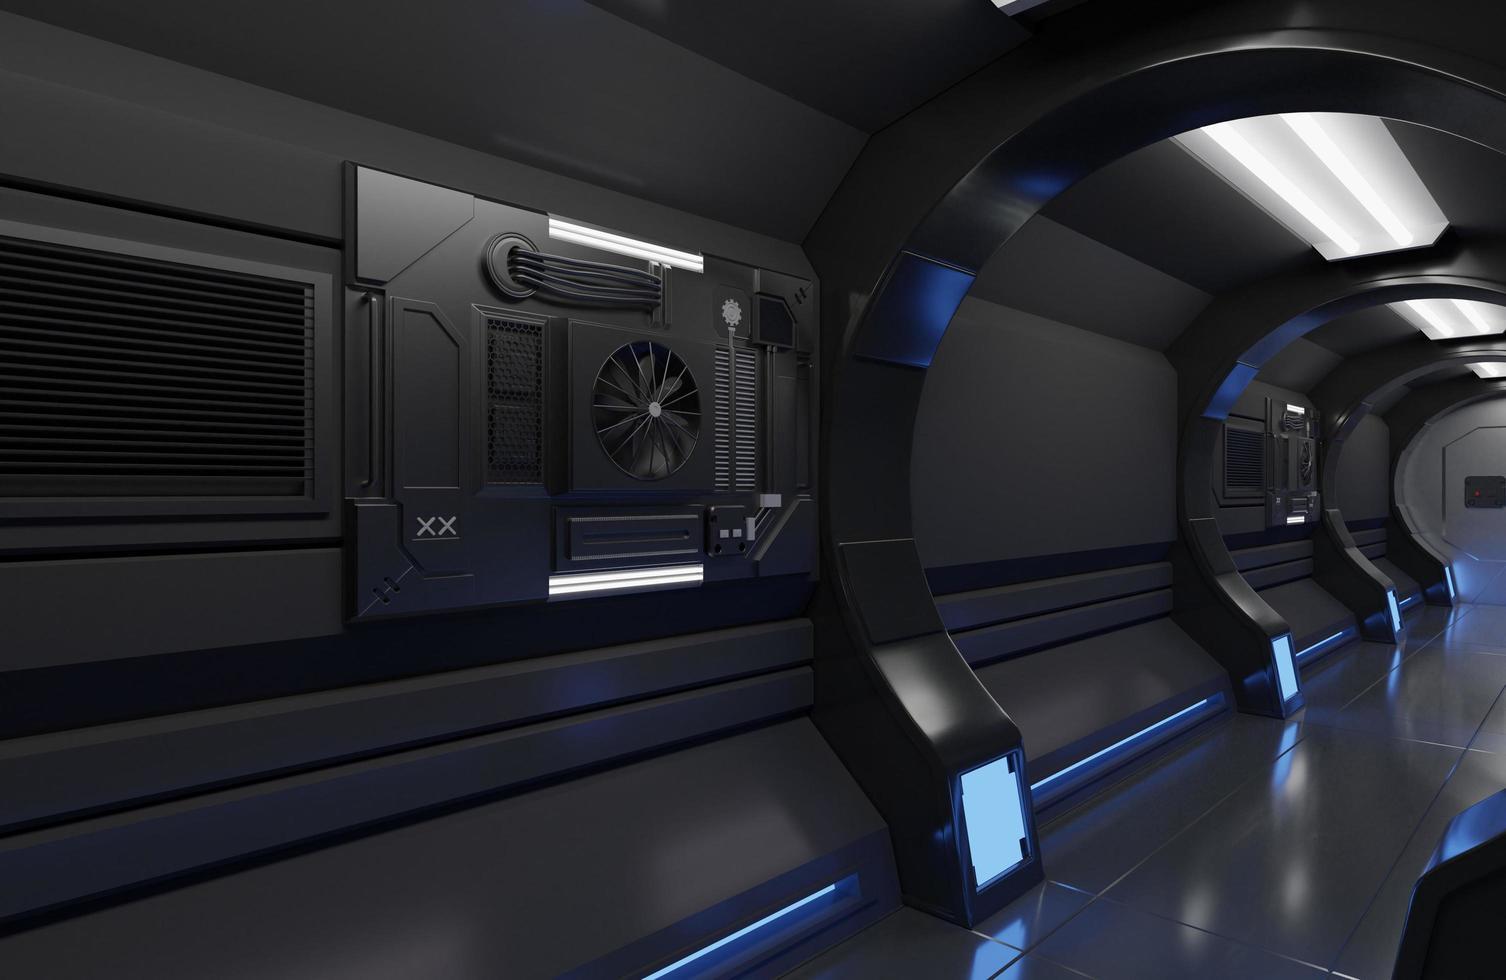 futuristisch ruimteschip interieur foto